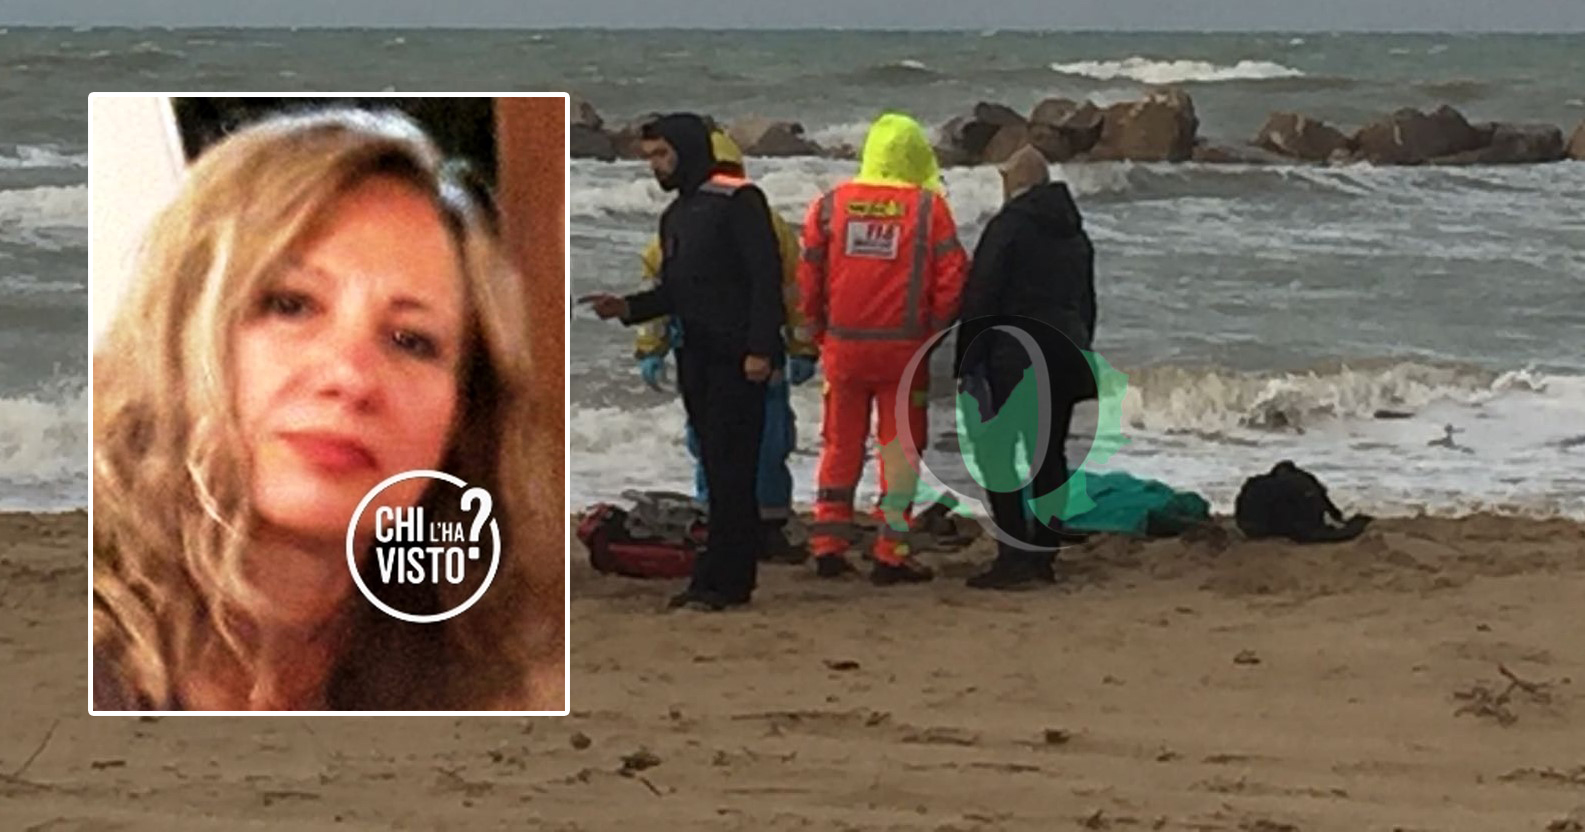 Morta in spiaggia, riconosciuto il cadavere: si tratta di Annamaria Tabiellone